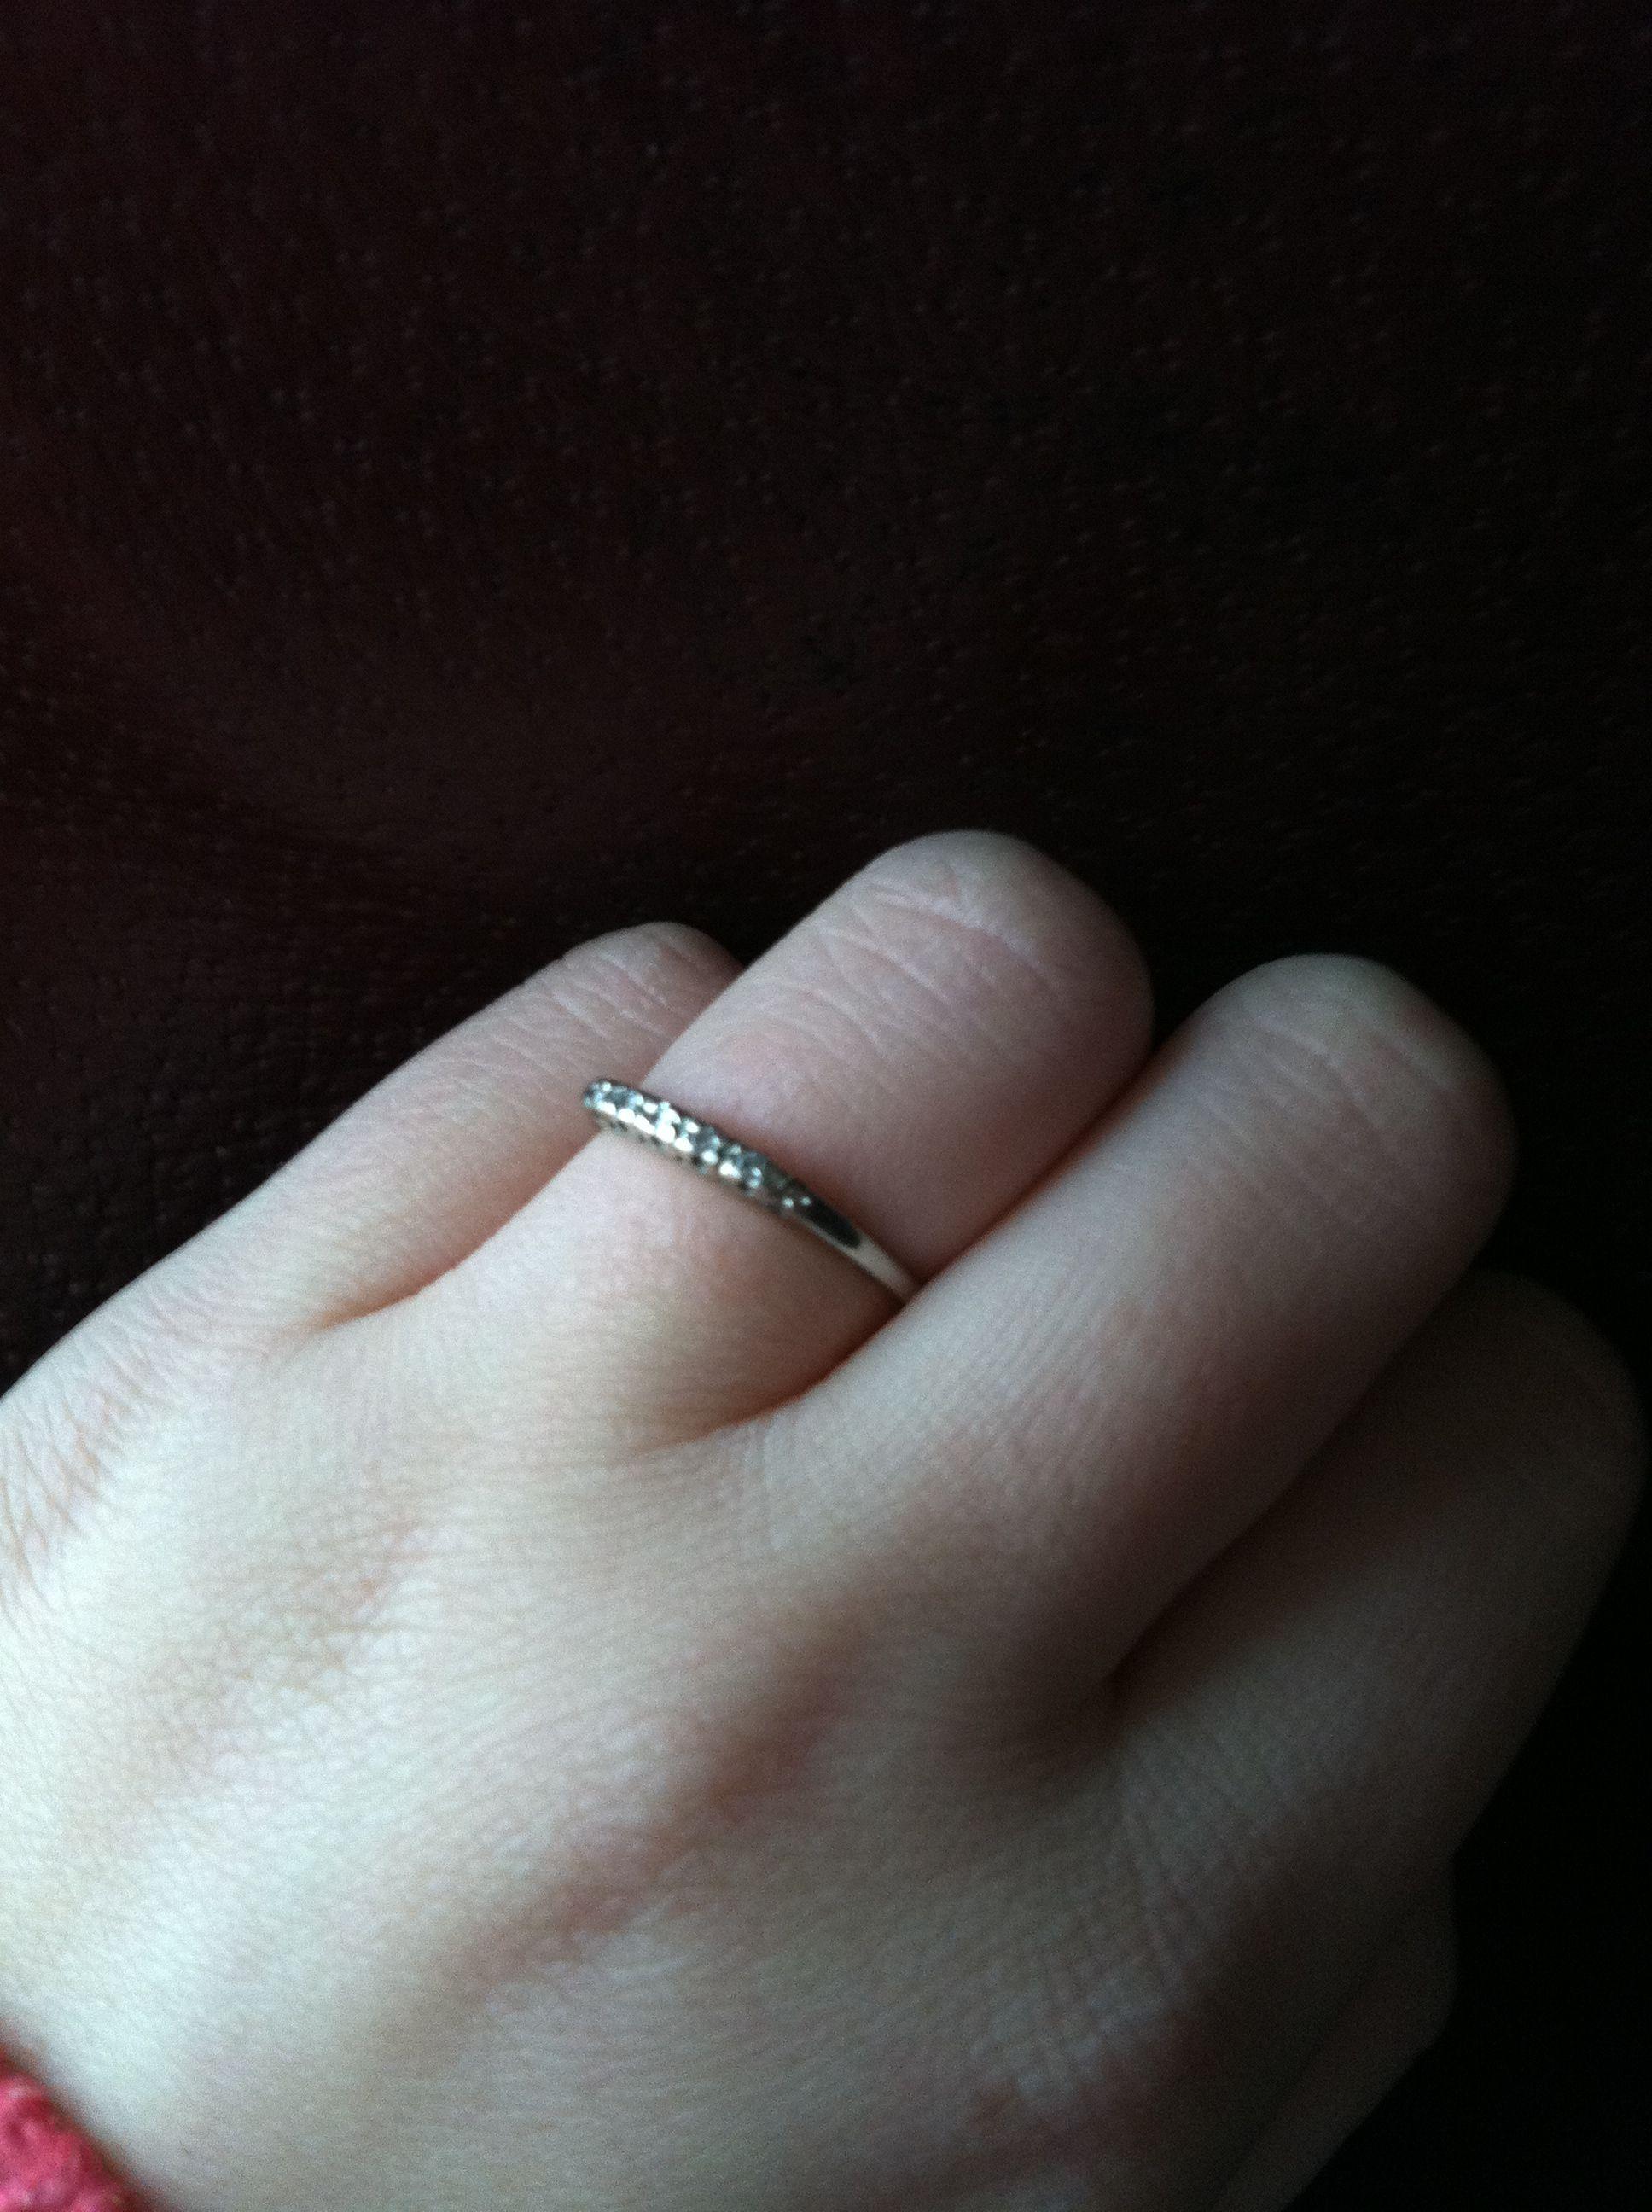 My ring is so cute